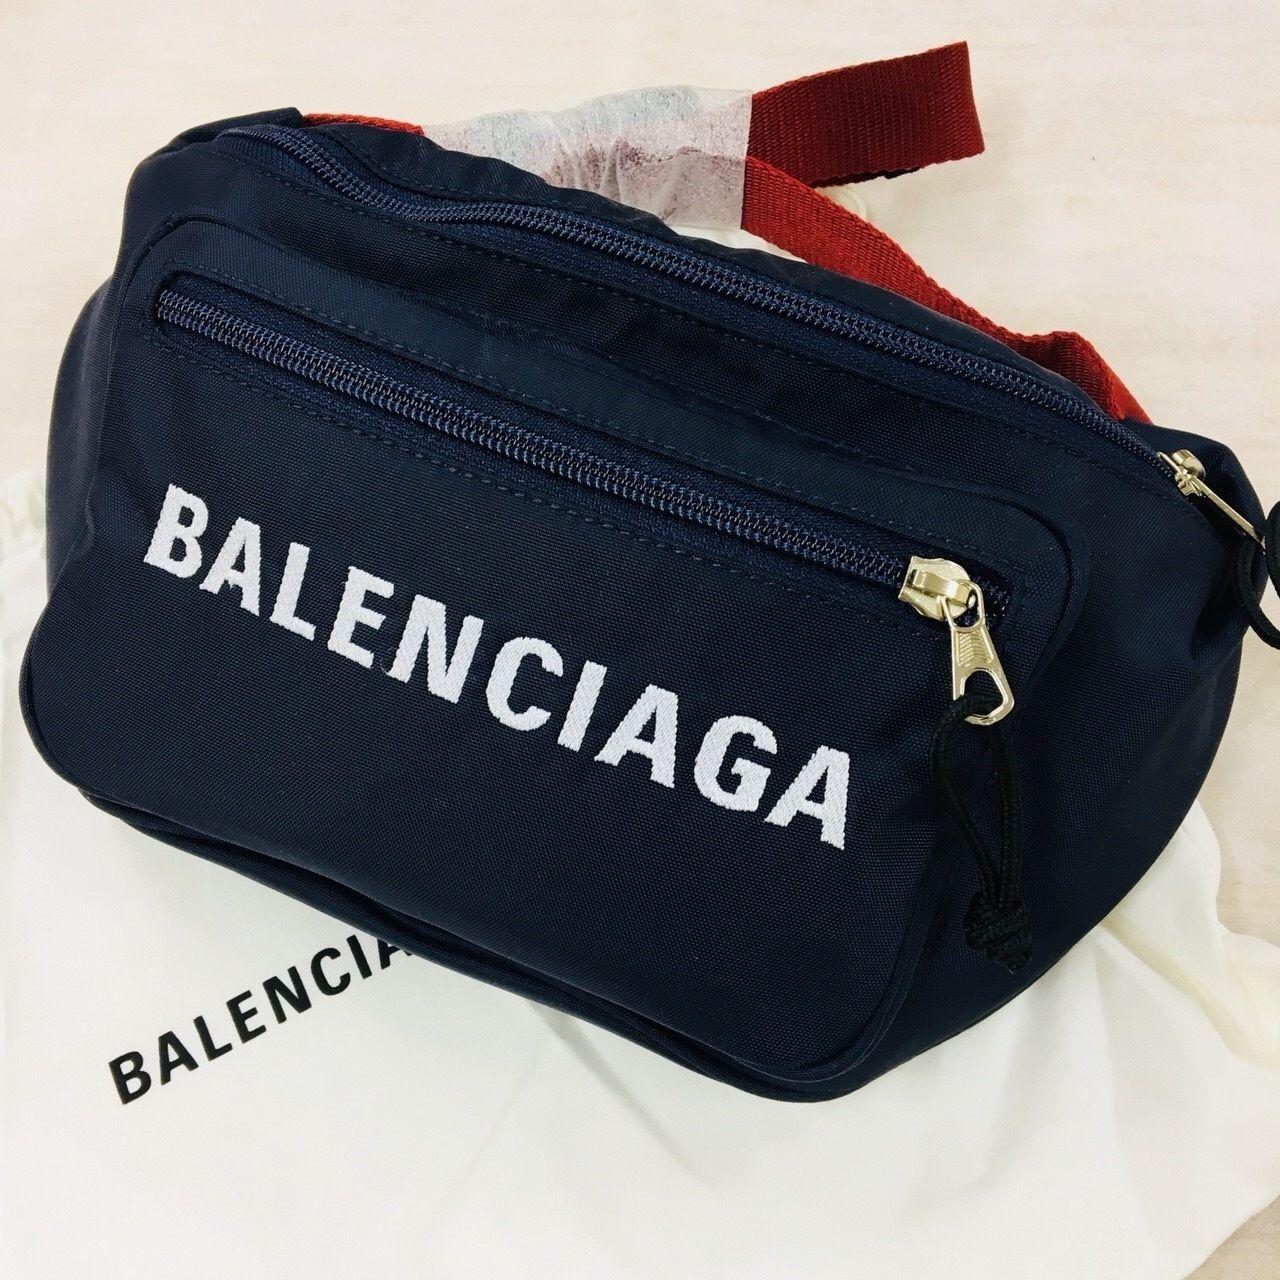 バレンシアガウエストバッグ